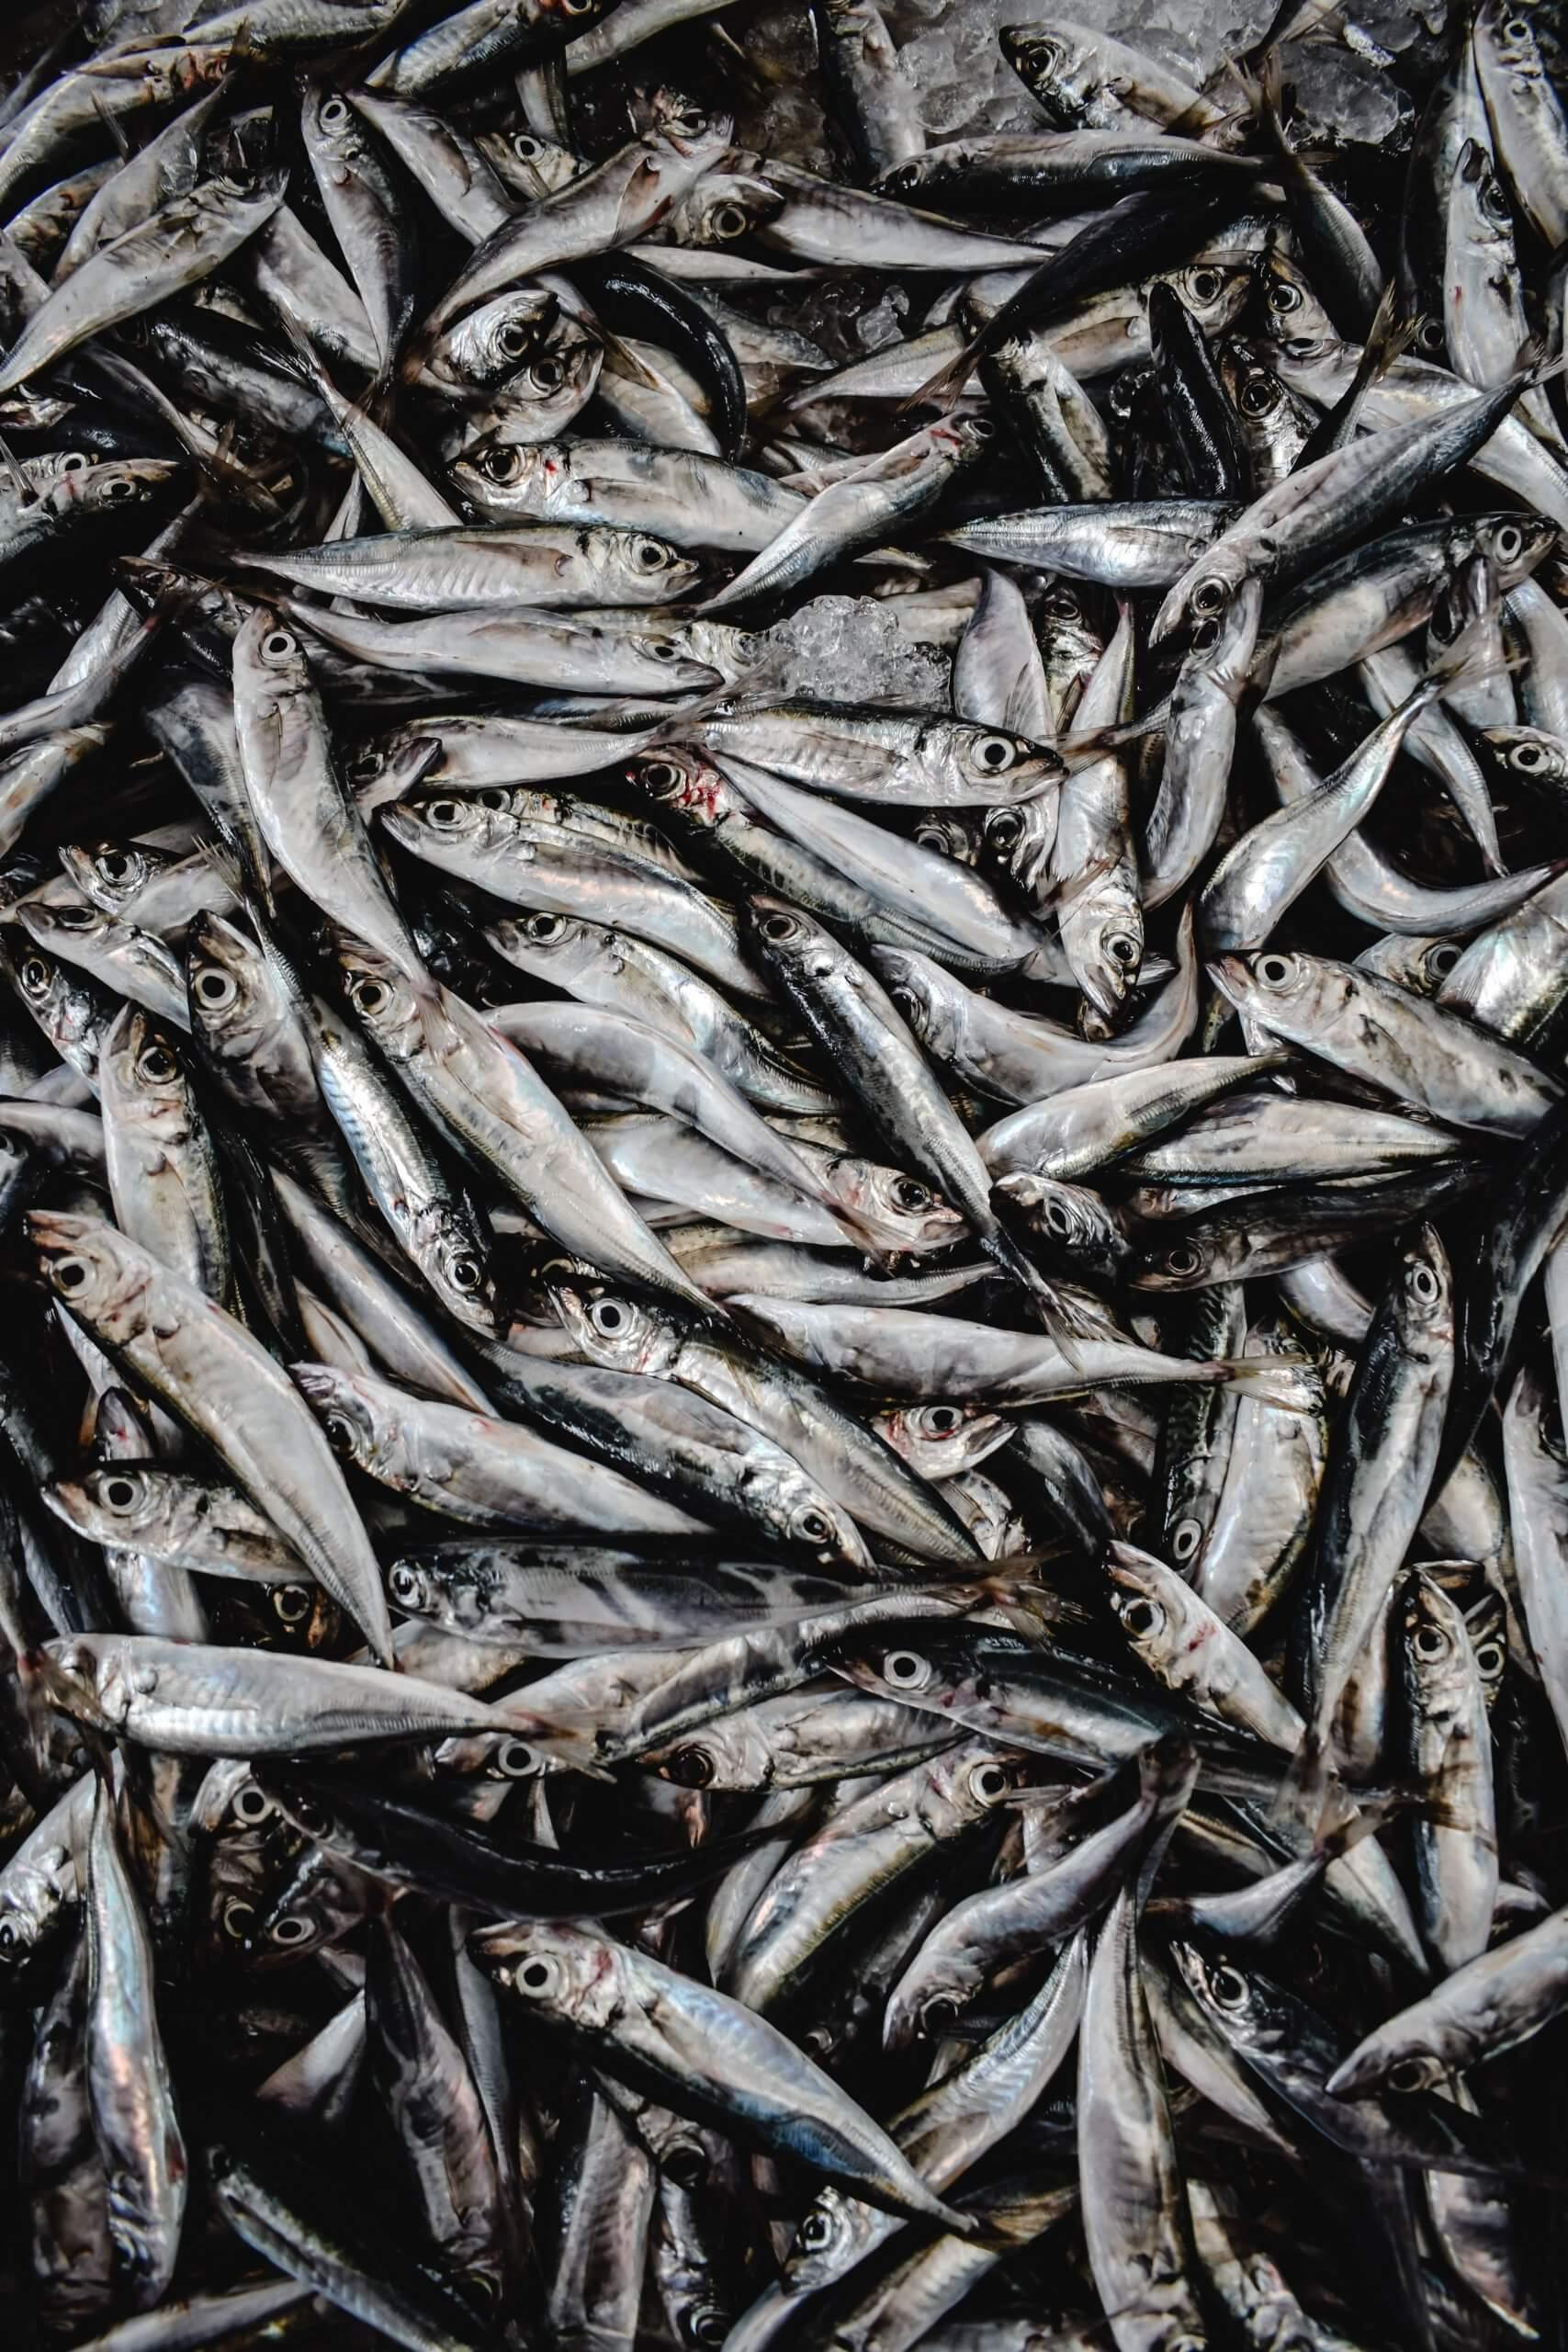 I 100 giorni de Gornonn-a: la salatura delle acciughe in Liguria